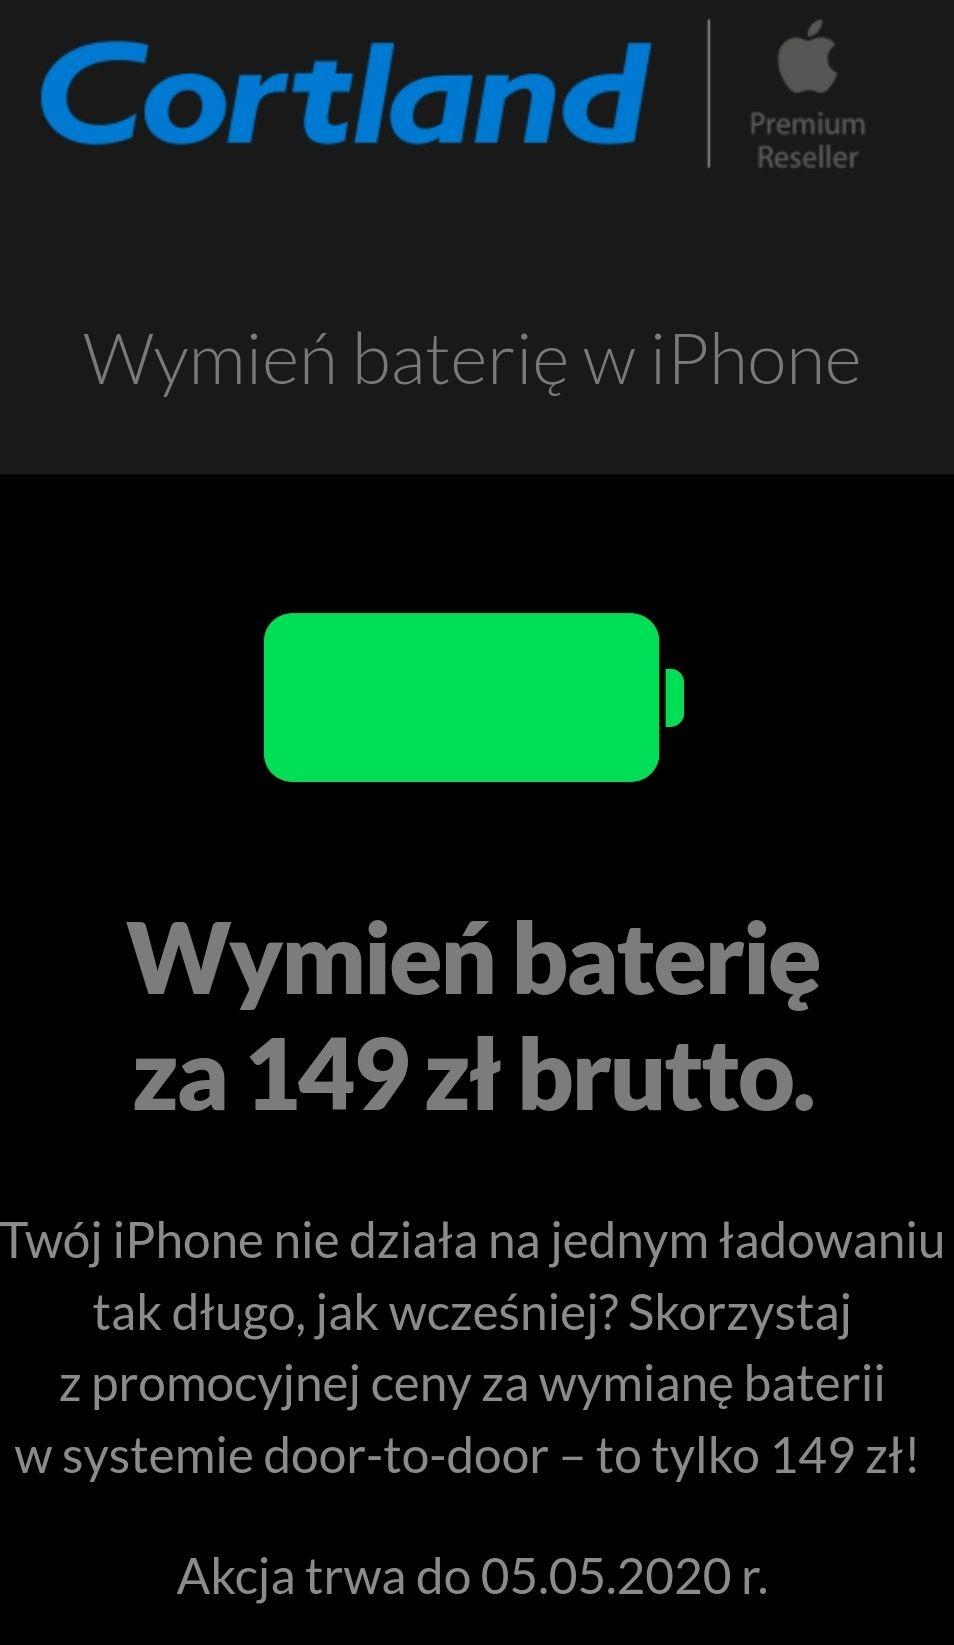 Wymiana baterii Iphone @ Cortland